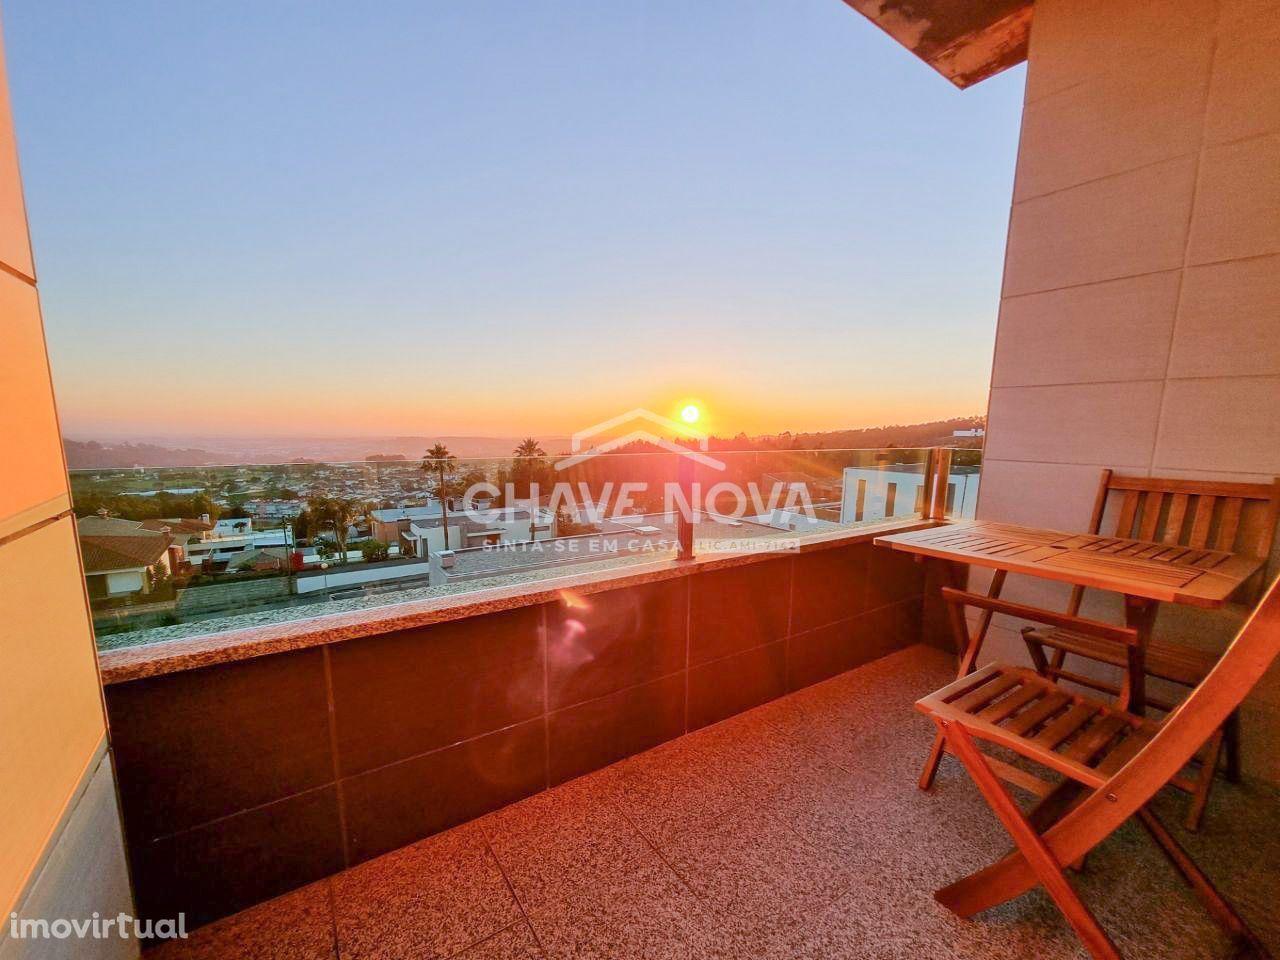 Apartamento T-3, remodelado, Urbanização da Godinha - Escapães - Feira